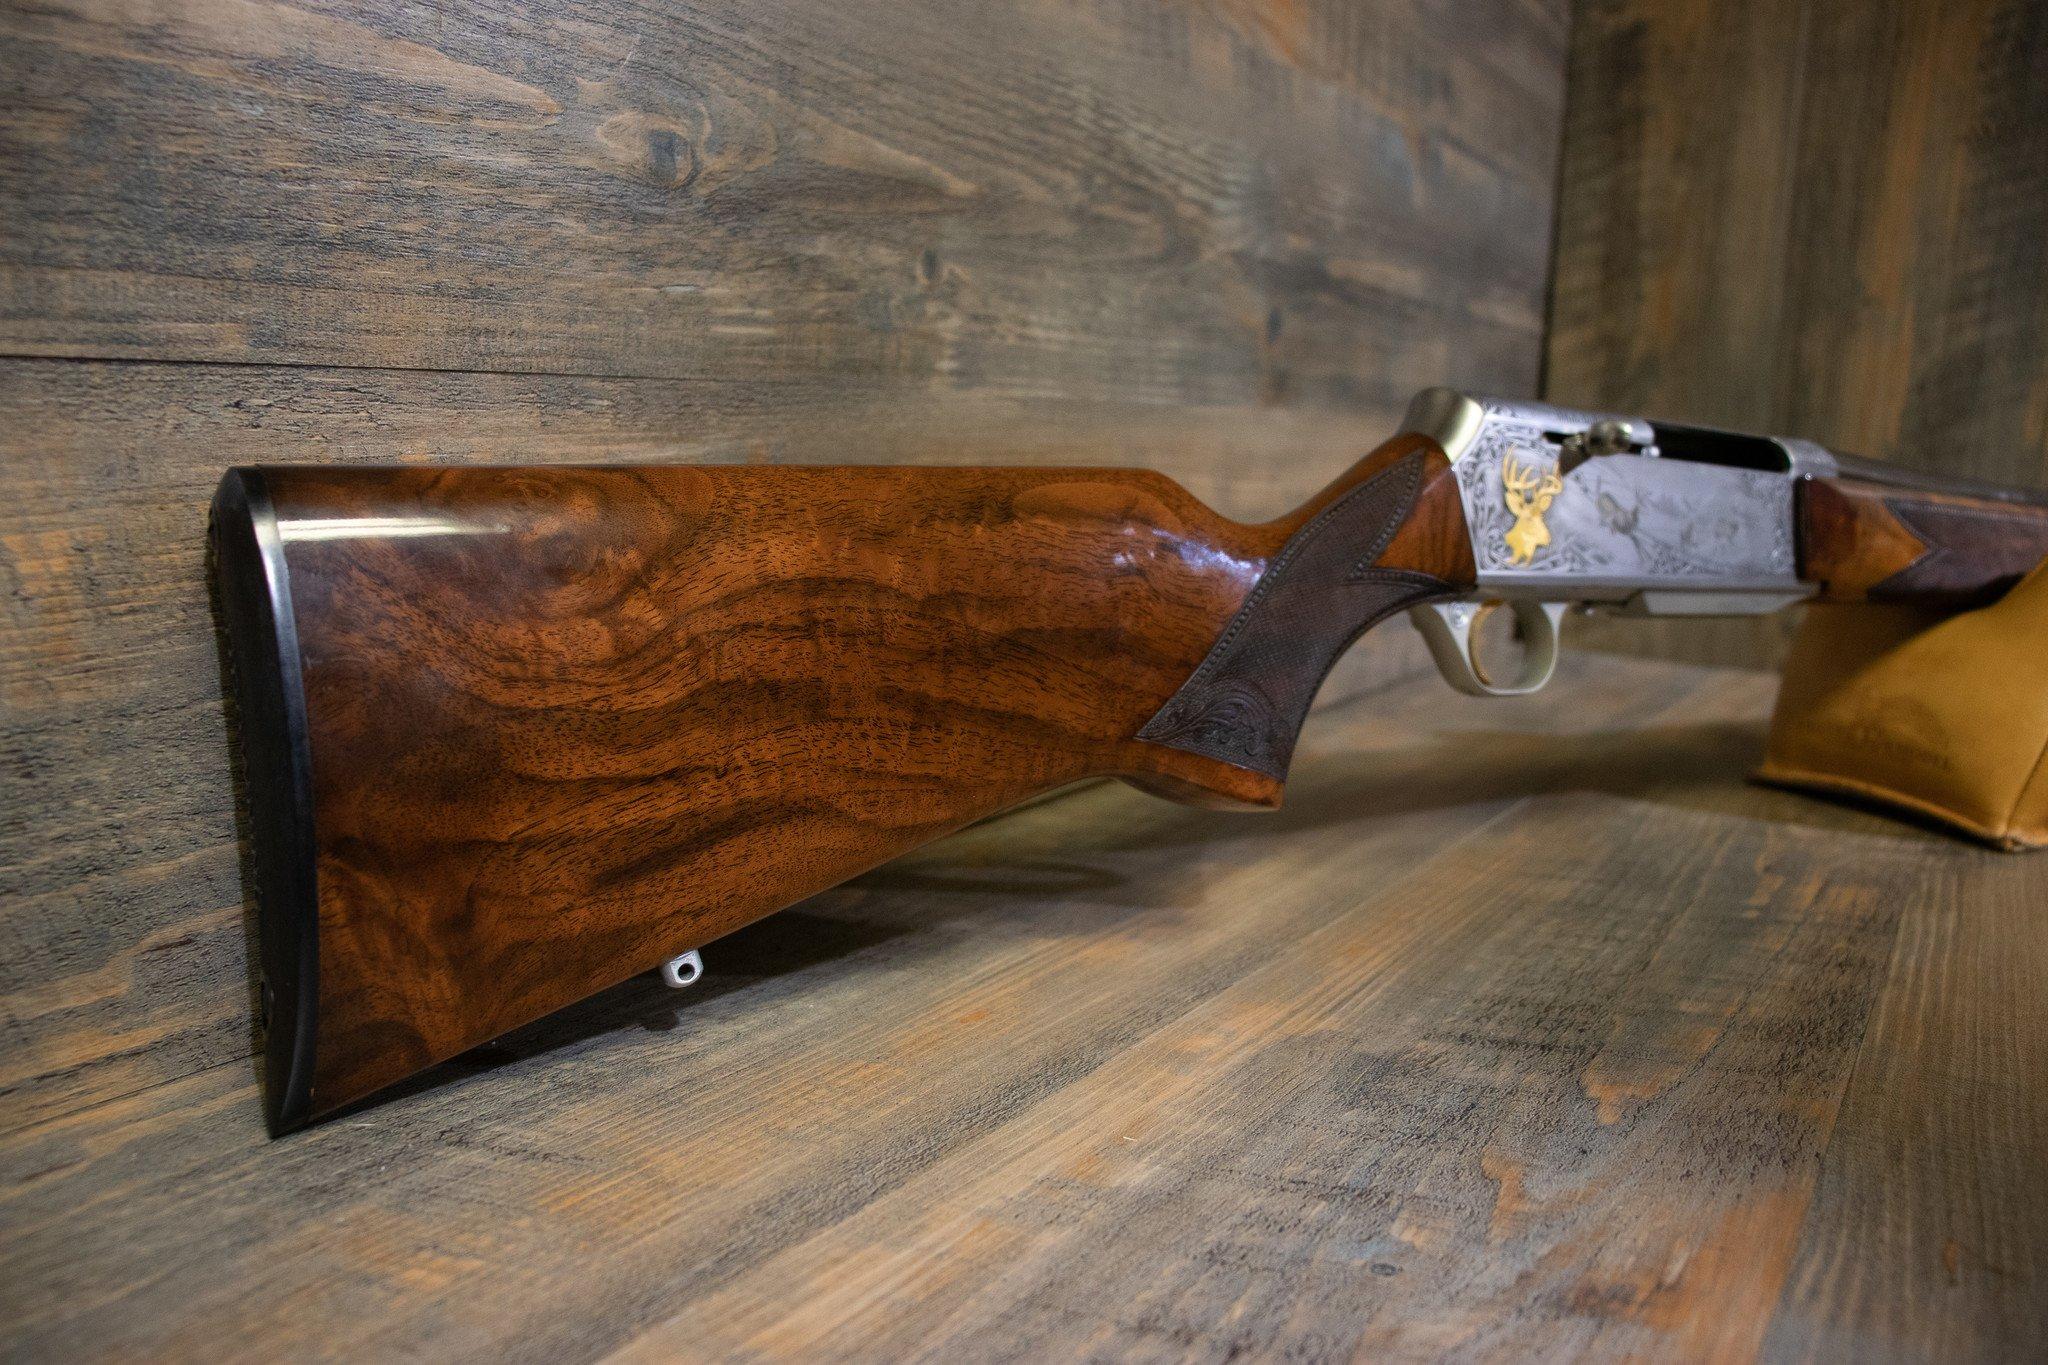 Browning Browning BAR 30-06